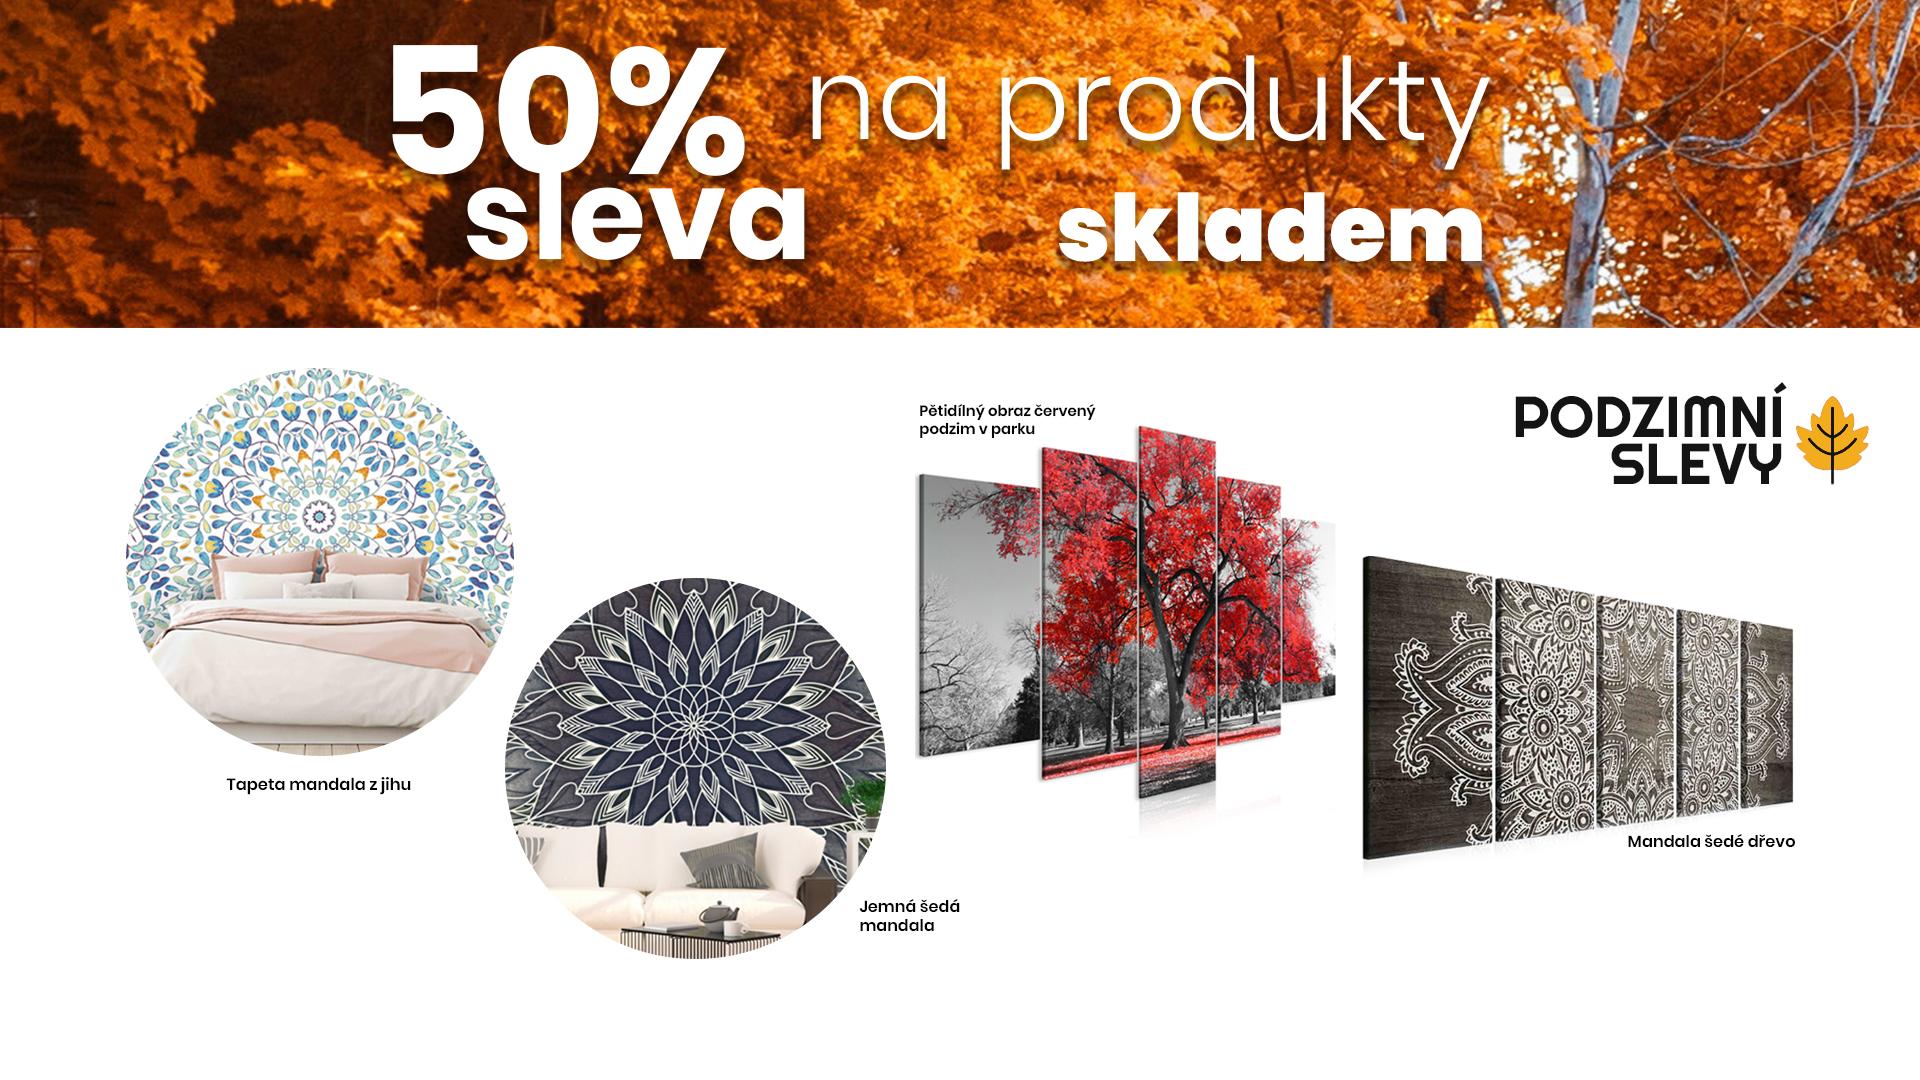 Podzimní sleva 50%